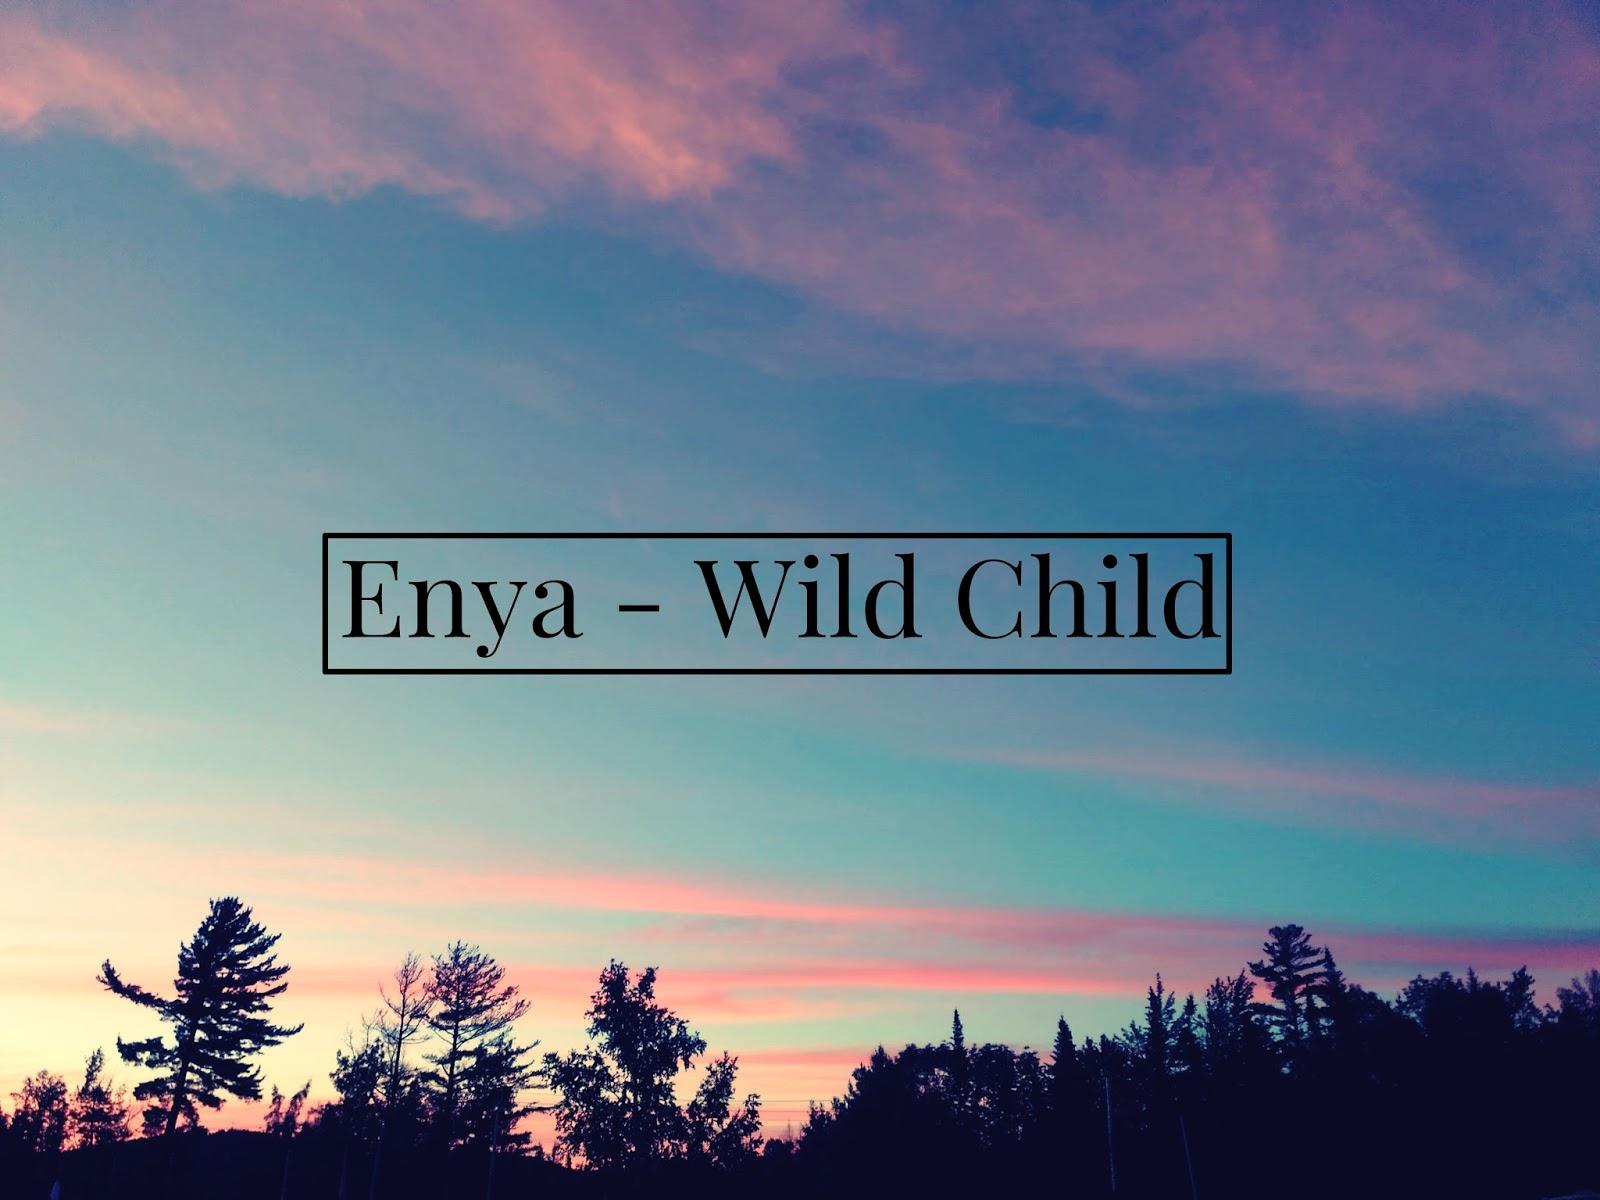 Enya, songs of Enya